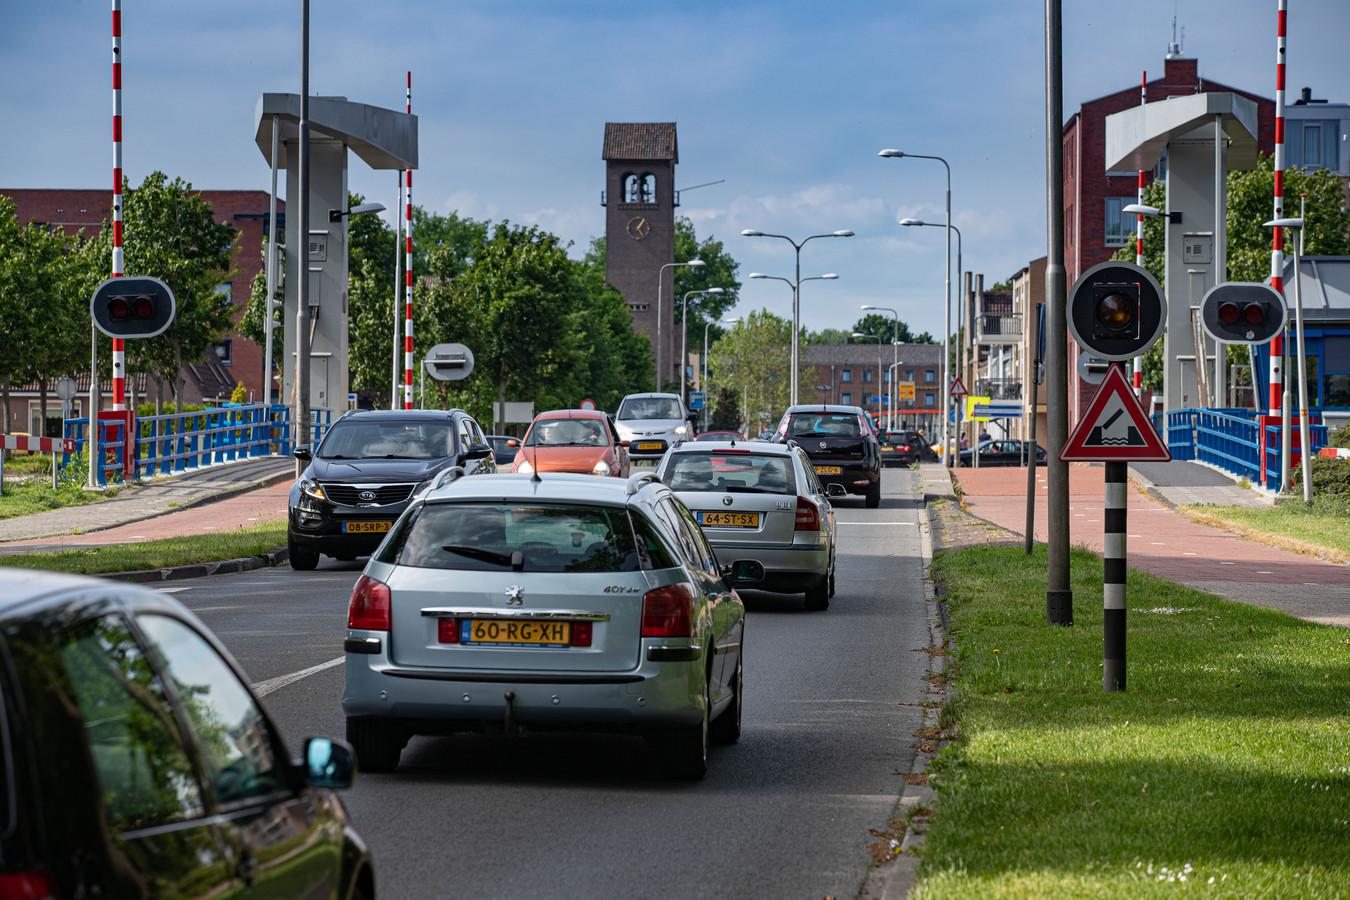 De Nagelerweg in Emmeloord voert de lijst aan van onveilige wegen in Flevoland, volgens een analyse van verkeerskundig ICT-bureau VIA.